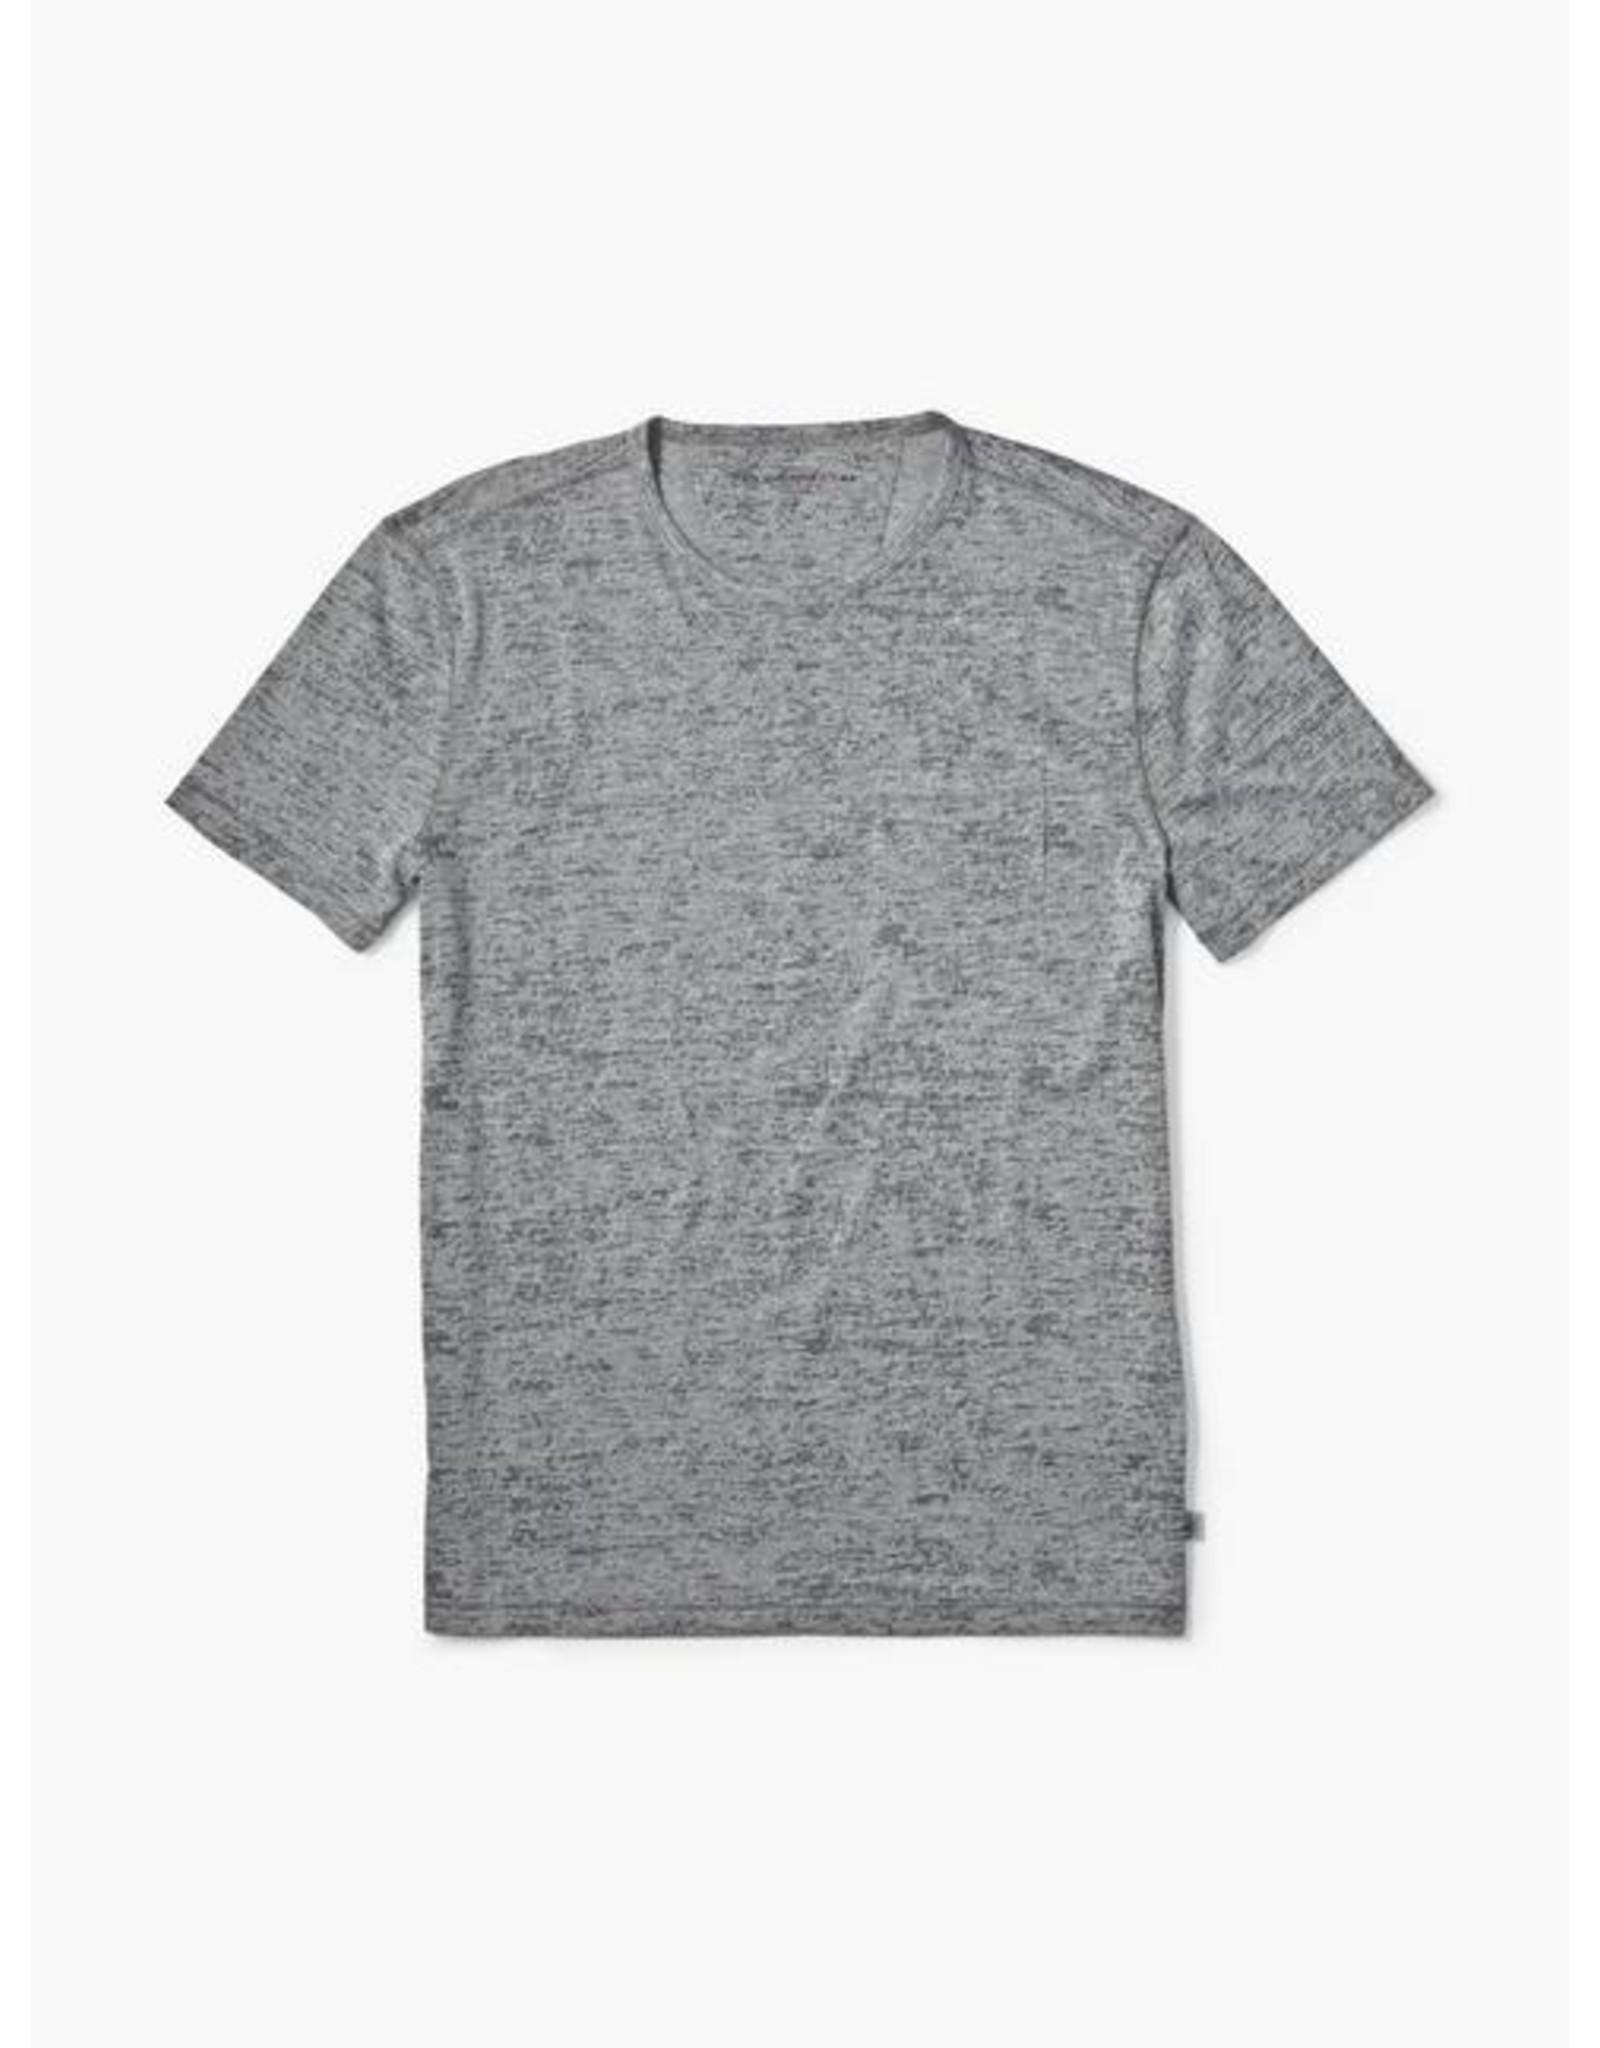 JOHN VARVATOS JOHN VARVATOS Short Sleeve Burnout - Light Grey